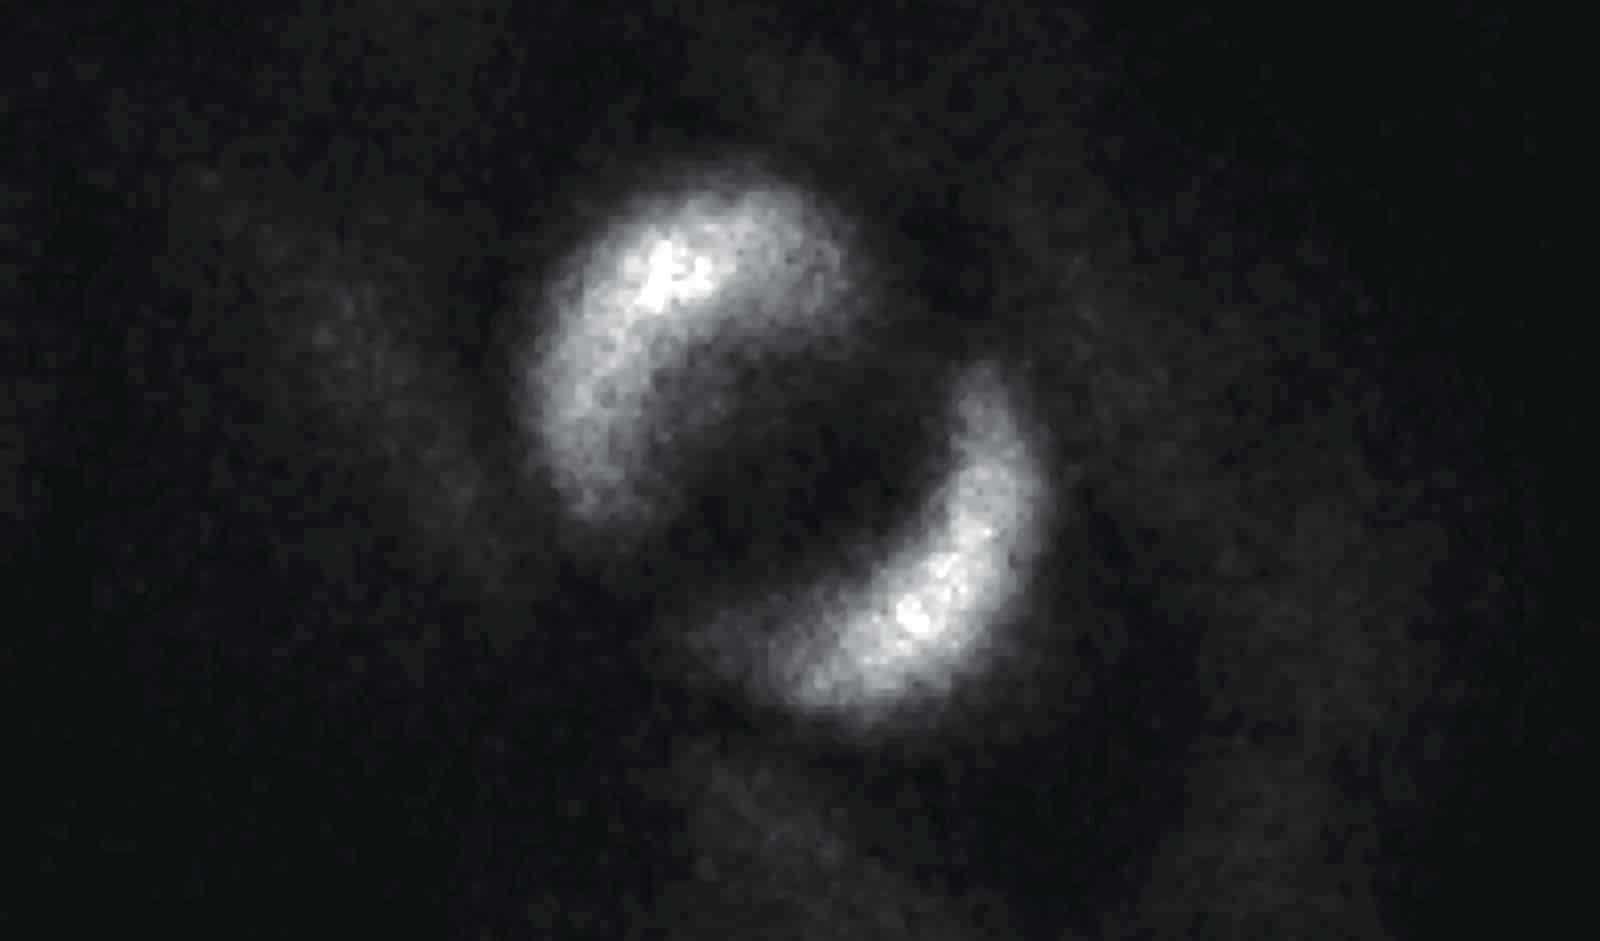 Lần đầu tiên chụp được ảnh vướng víu lượng tử giữa hai photon